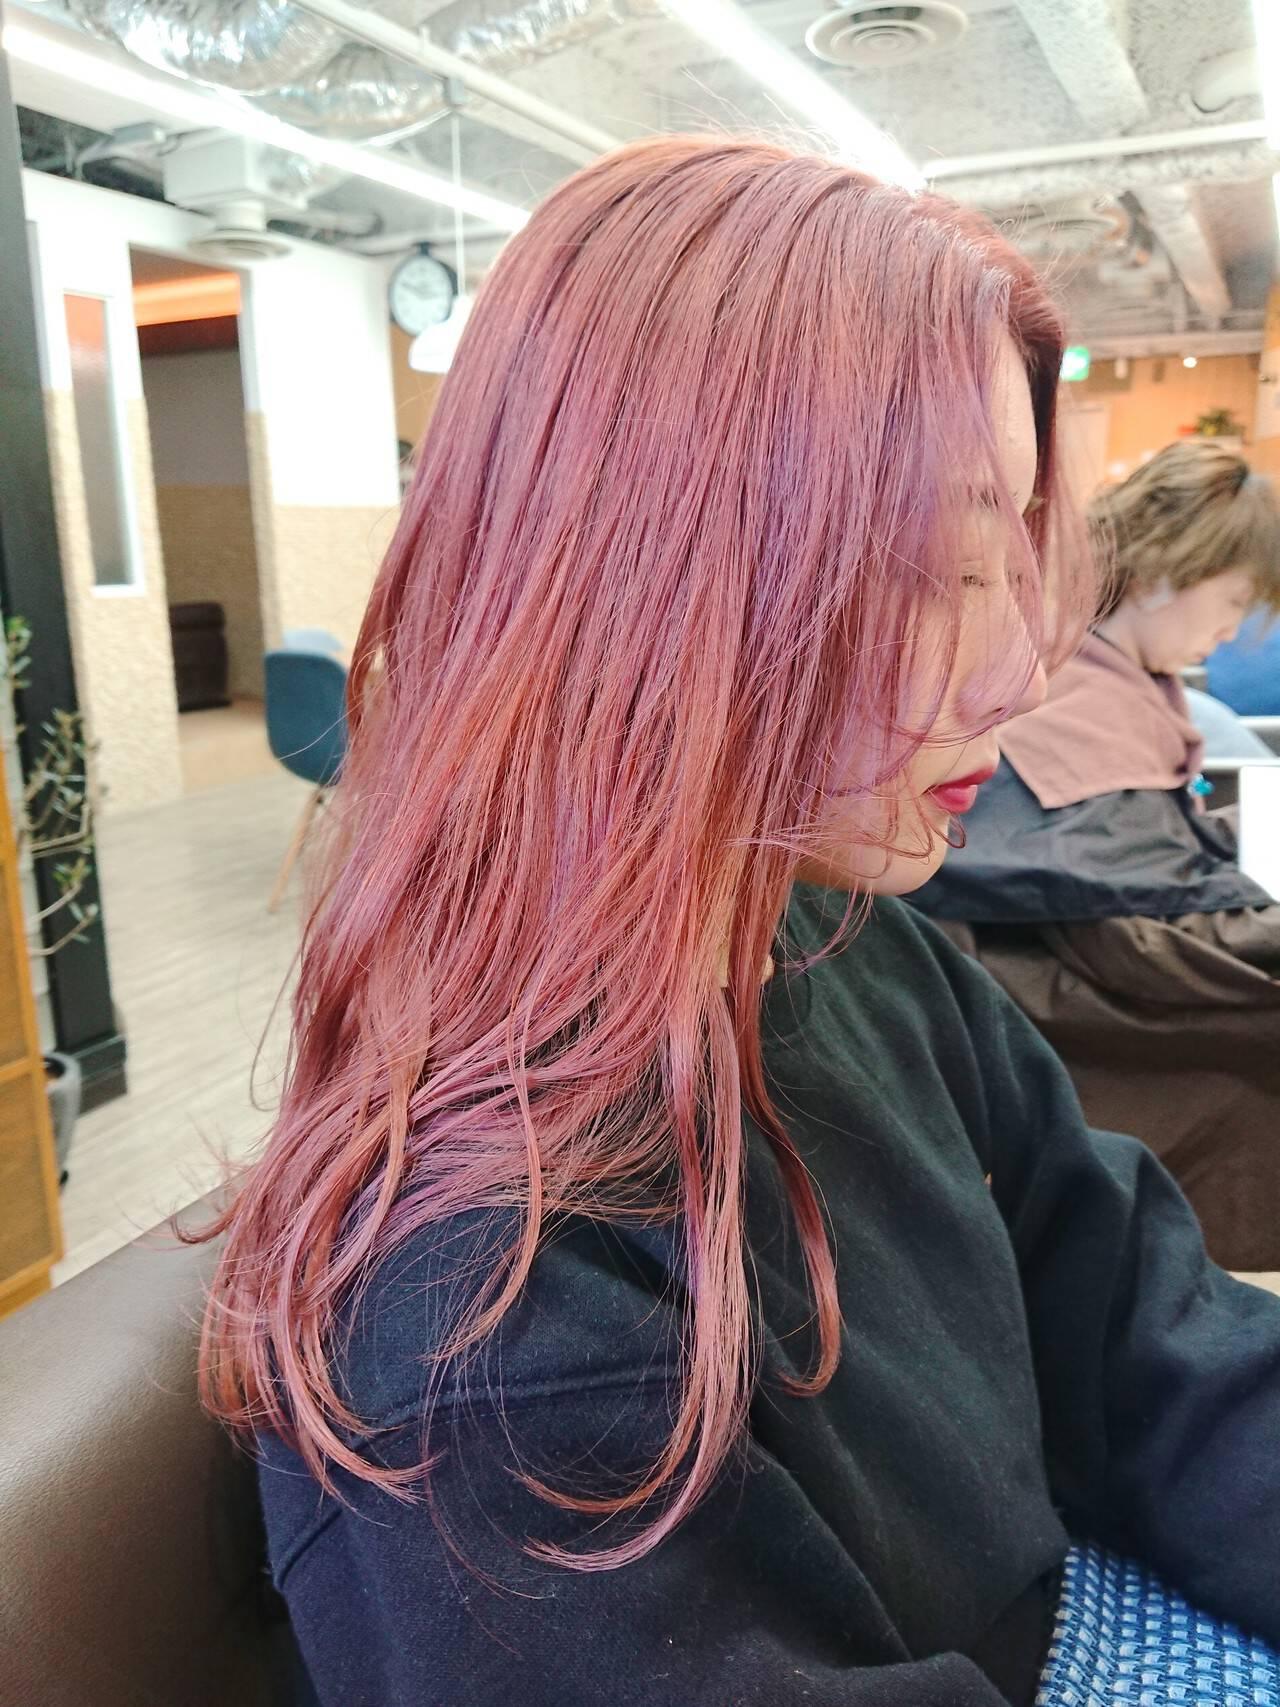 ブリーチカラー ピンクカラー セミロング TOKIOトリートメントヘアスタイルや髪型の写真・画像